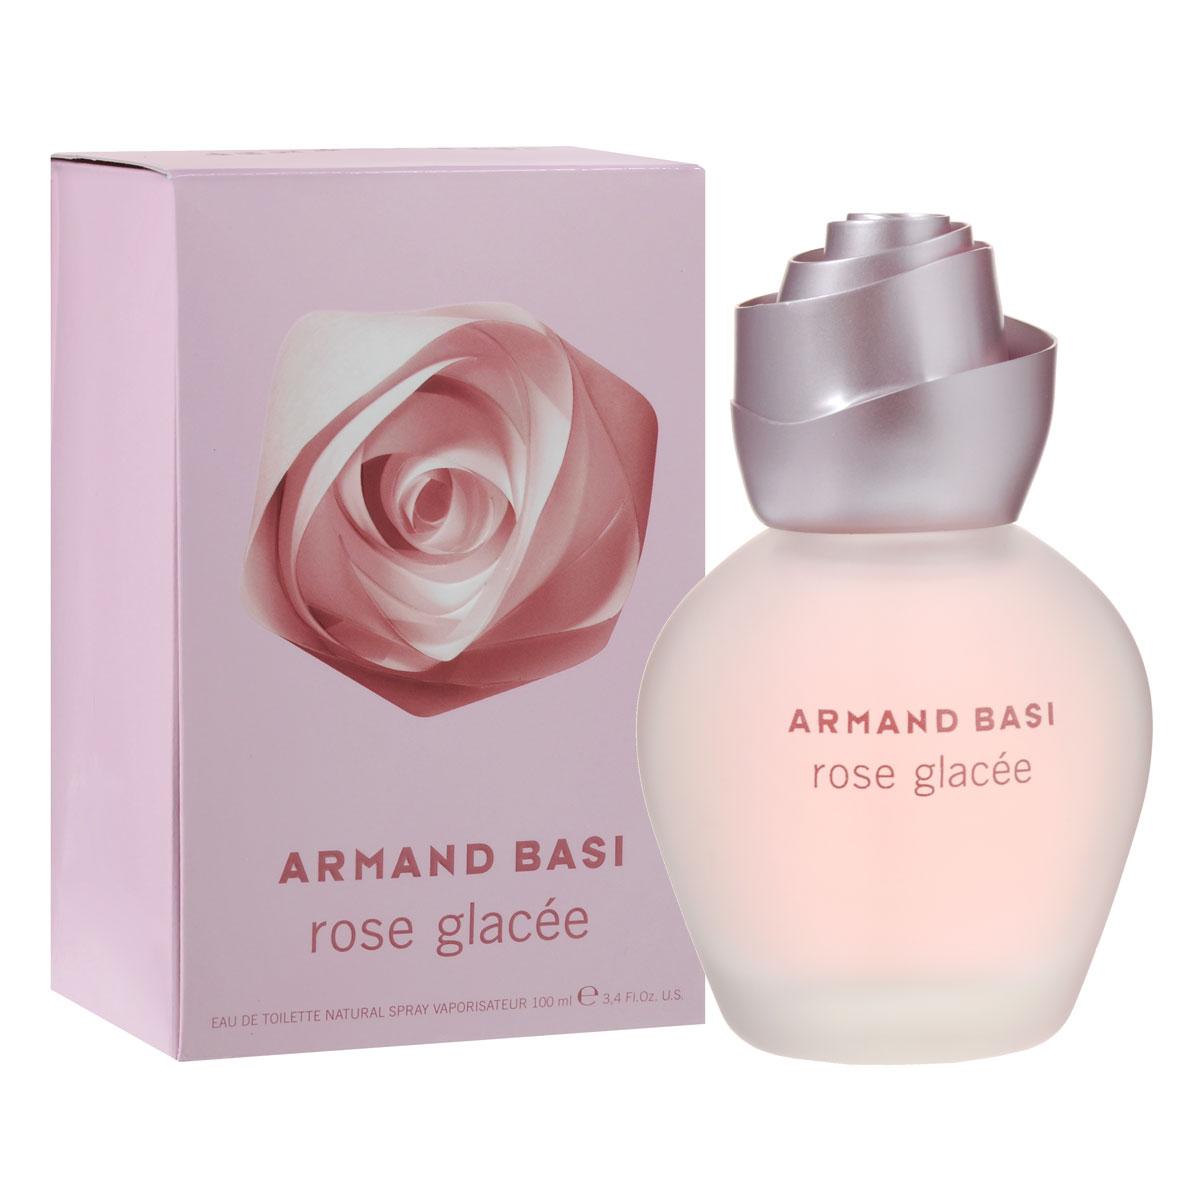 """Armand Basi Туалетная вода Rose Glacee, женская, 100 мл47101Органичная и геометричная, роза является сердцем и вдохновением нового аромата от Armand Basi, который открывает перед нами мир сущности цветка. Его концепция усовершенствована и обновлена выведением на игровое поле главного игрока - геометрии. Роза - это символ совершенства. Универсальный цветок, признанный во всем мире воплощением тайны женщины. Это самый безупречный цветок. Ее красота радует глаз; ее аромат роскошный, превосходный, пьянящий, нежно-бархатный и хрупкий. И в то же время он обманывает, бунтует и отклоняется от всех мыслимых стандартов: шипы ранят руку каждого, кто осмелится срезать розу. Glacee - французское слово, которое обозначает """"замороженный"""". Роза, закованная в ледяные цепи. Хранимая холодом, продлевающим жизнь ее красоты, она стоит непокорно и гордо. Обольстительная и прекрасная. Rose Glacee, имя нового аромата, воплощающего напряжение во внешнем проявлении. Теплая и холодная, спокойная и агрессивная, дружелюбная, но предающая, прекрасная, но..."""